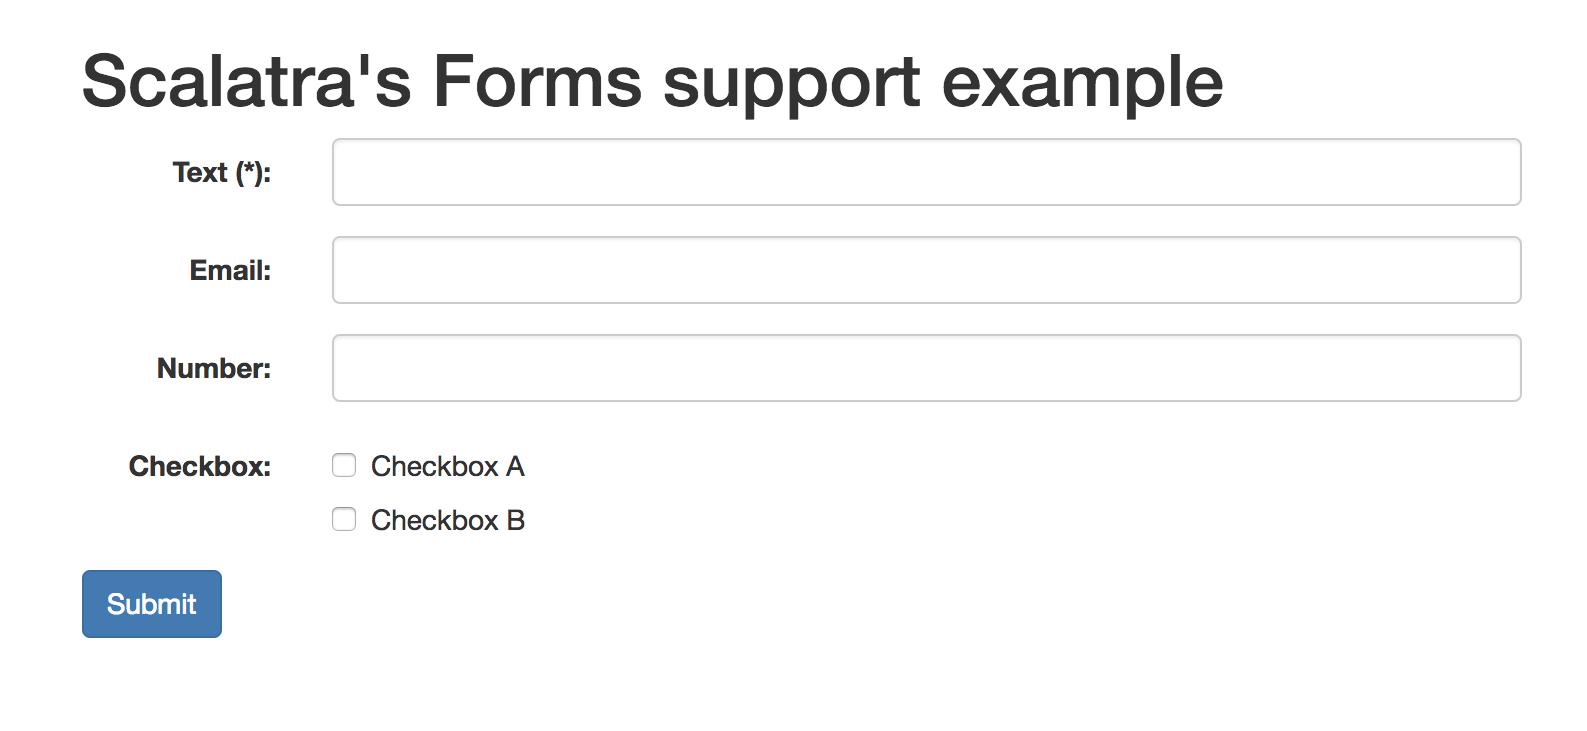 Forms - Scalatra